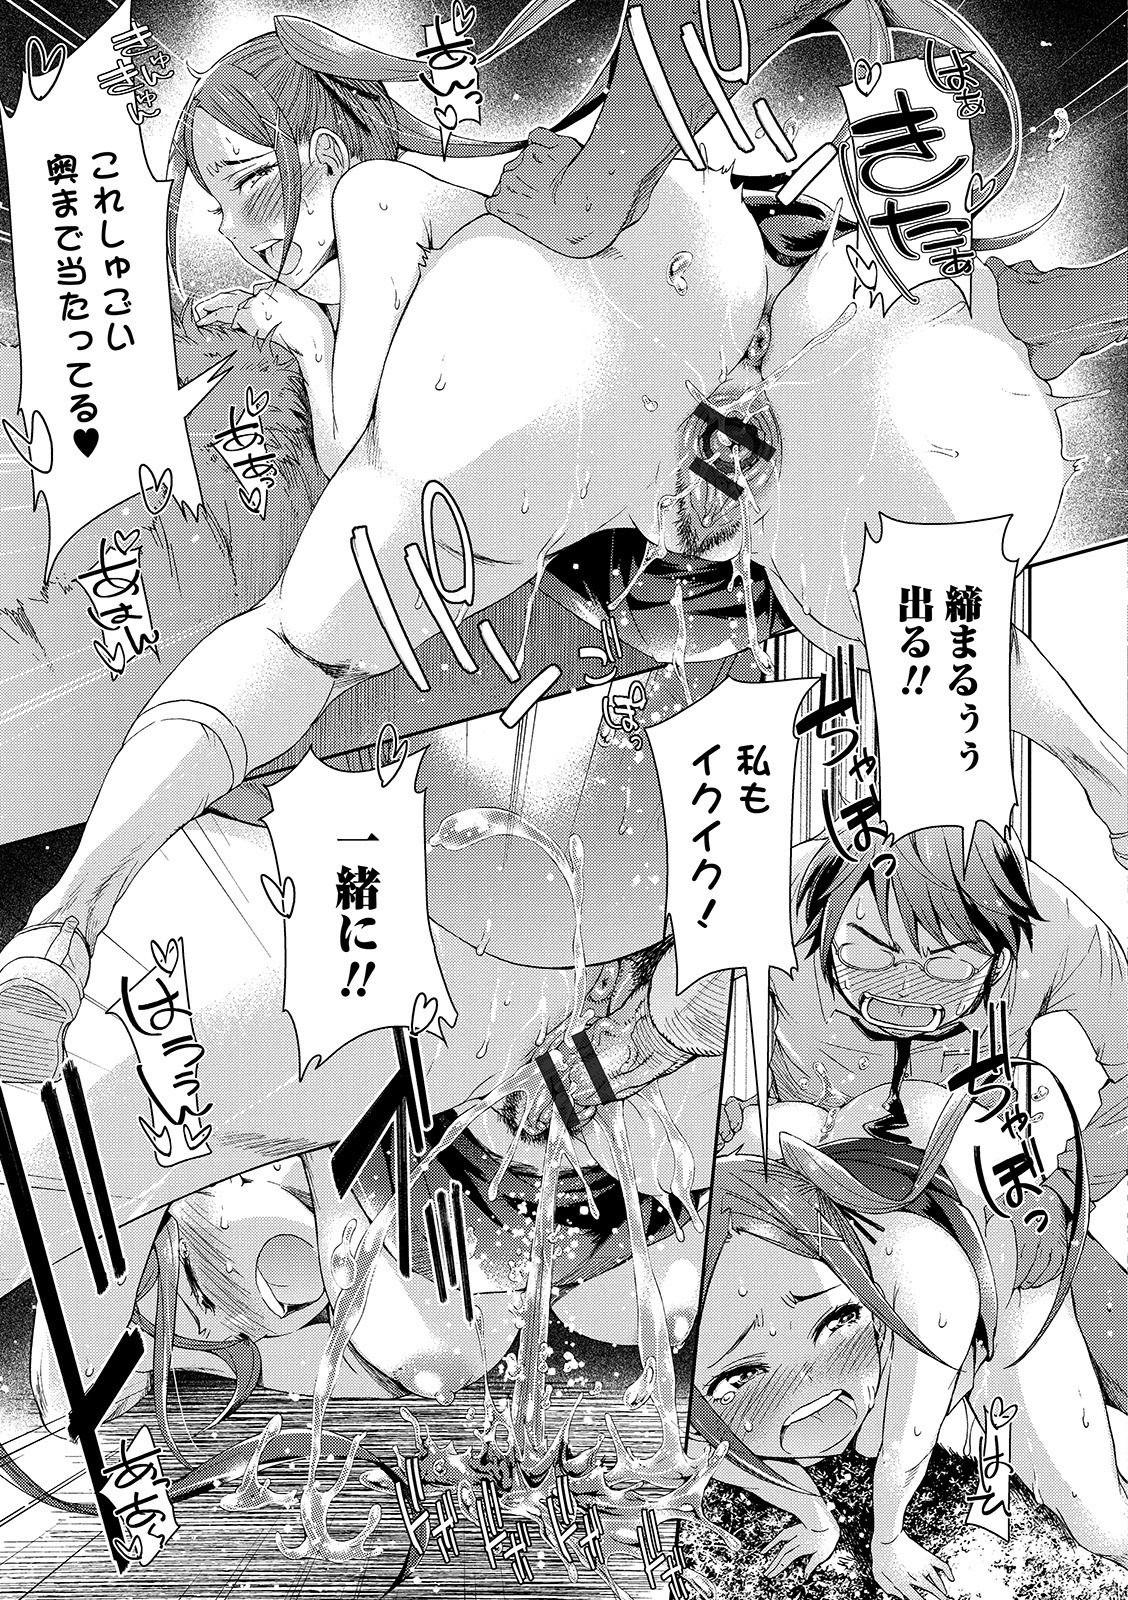 【エロ漫画】ジャンケンに勝ったらHな悪戯開始っ!!処女もついでに奪っておくか♪